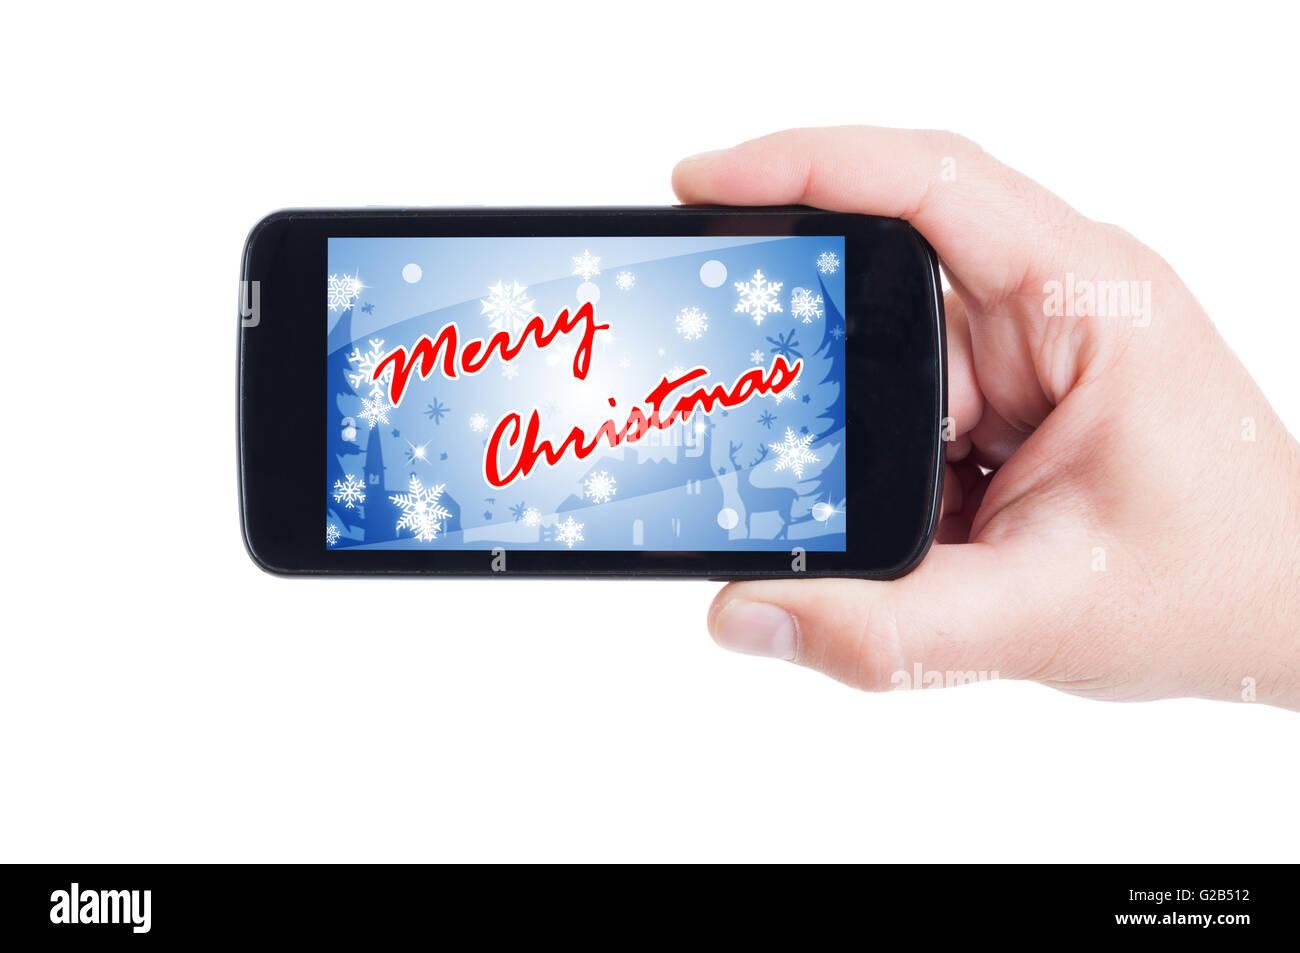 Christmas Card Display Stock Photos Christmas Card Display Stock